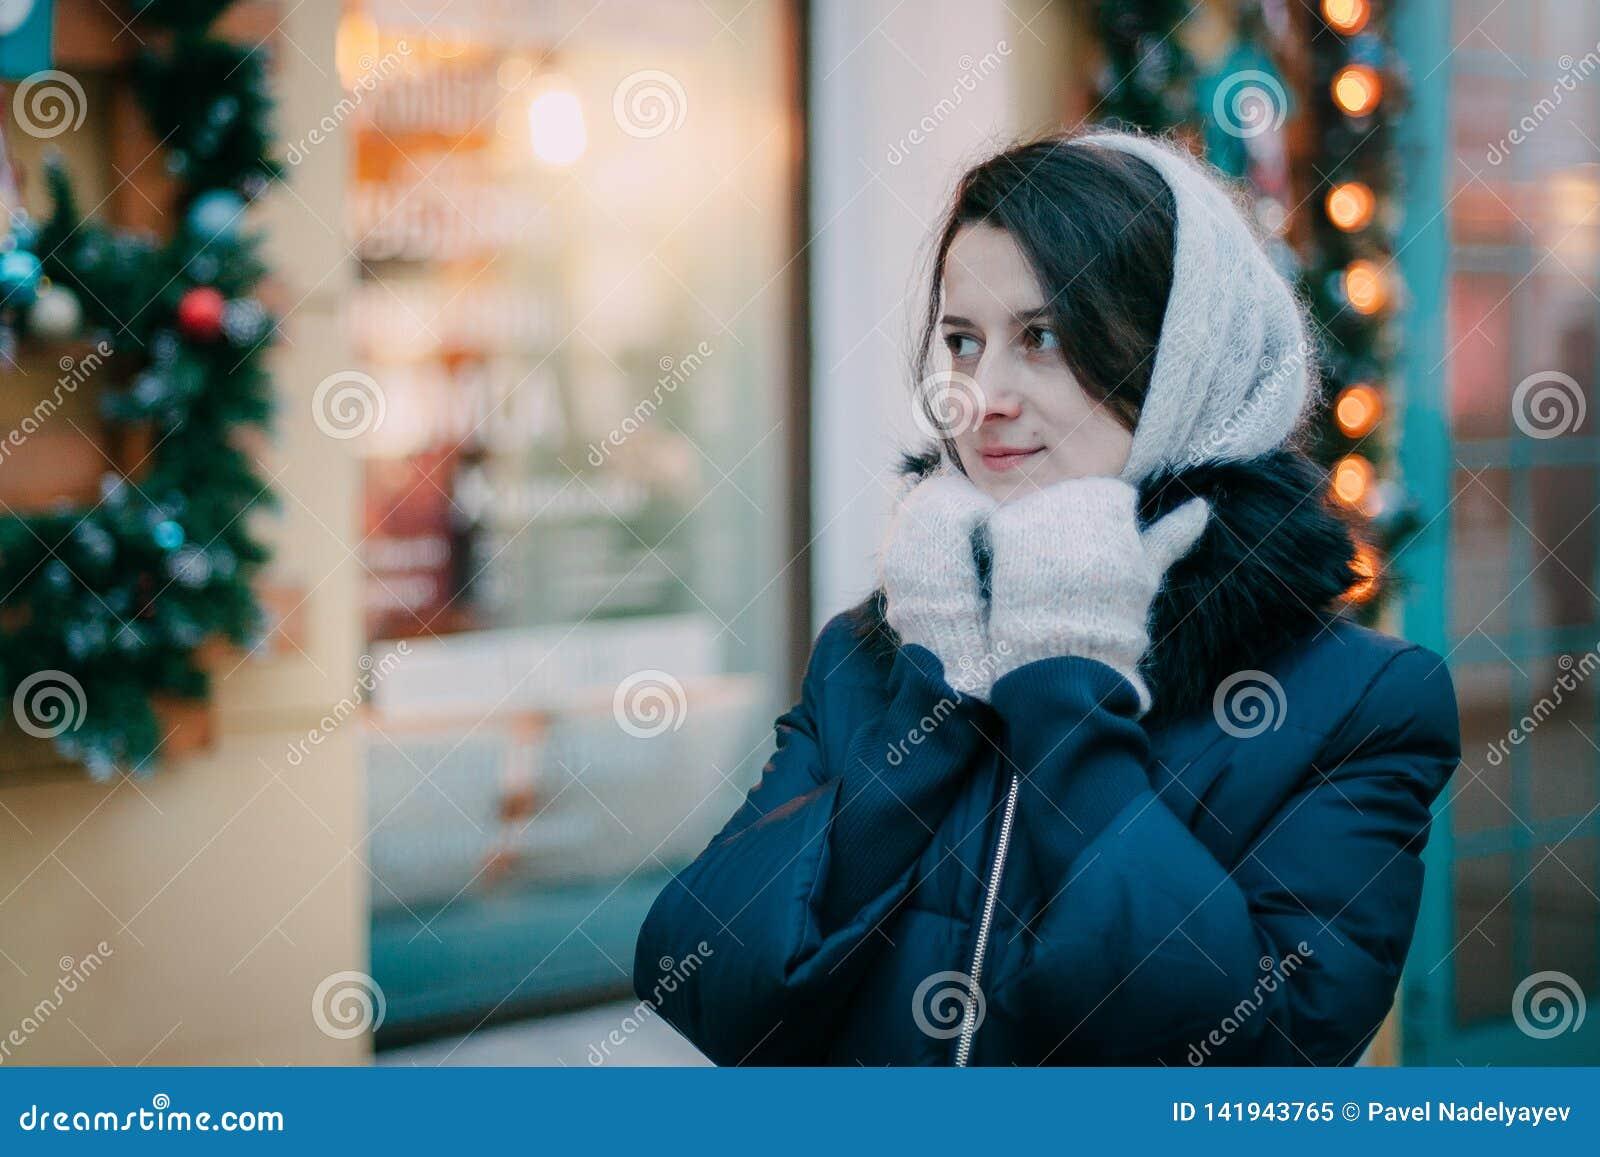 Fille dans des mitaines sur la rue à Noël Fond de Noël Mode de vie de concept, hiver, vacances, Noël heureux, nouvelle année